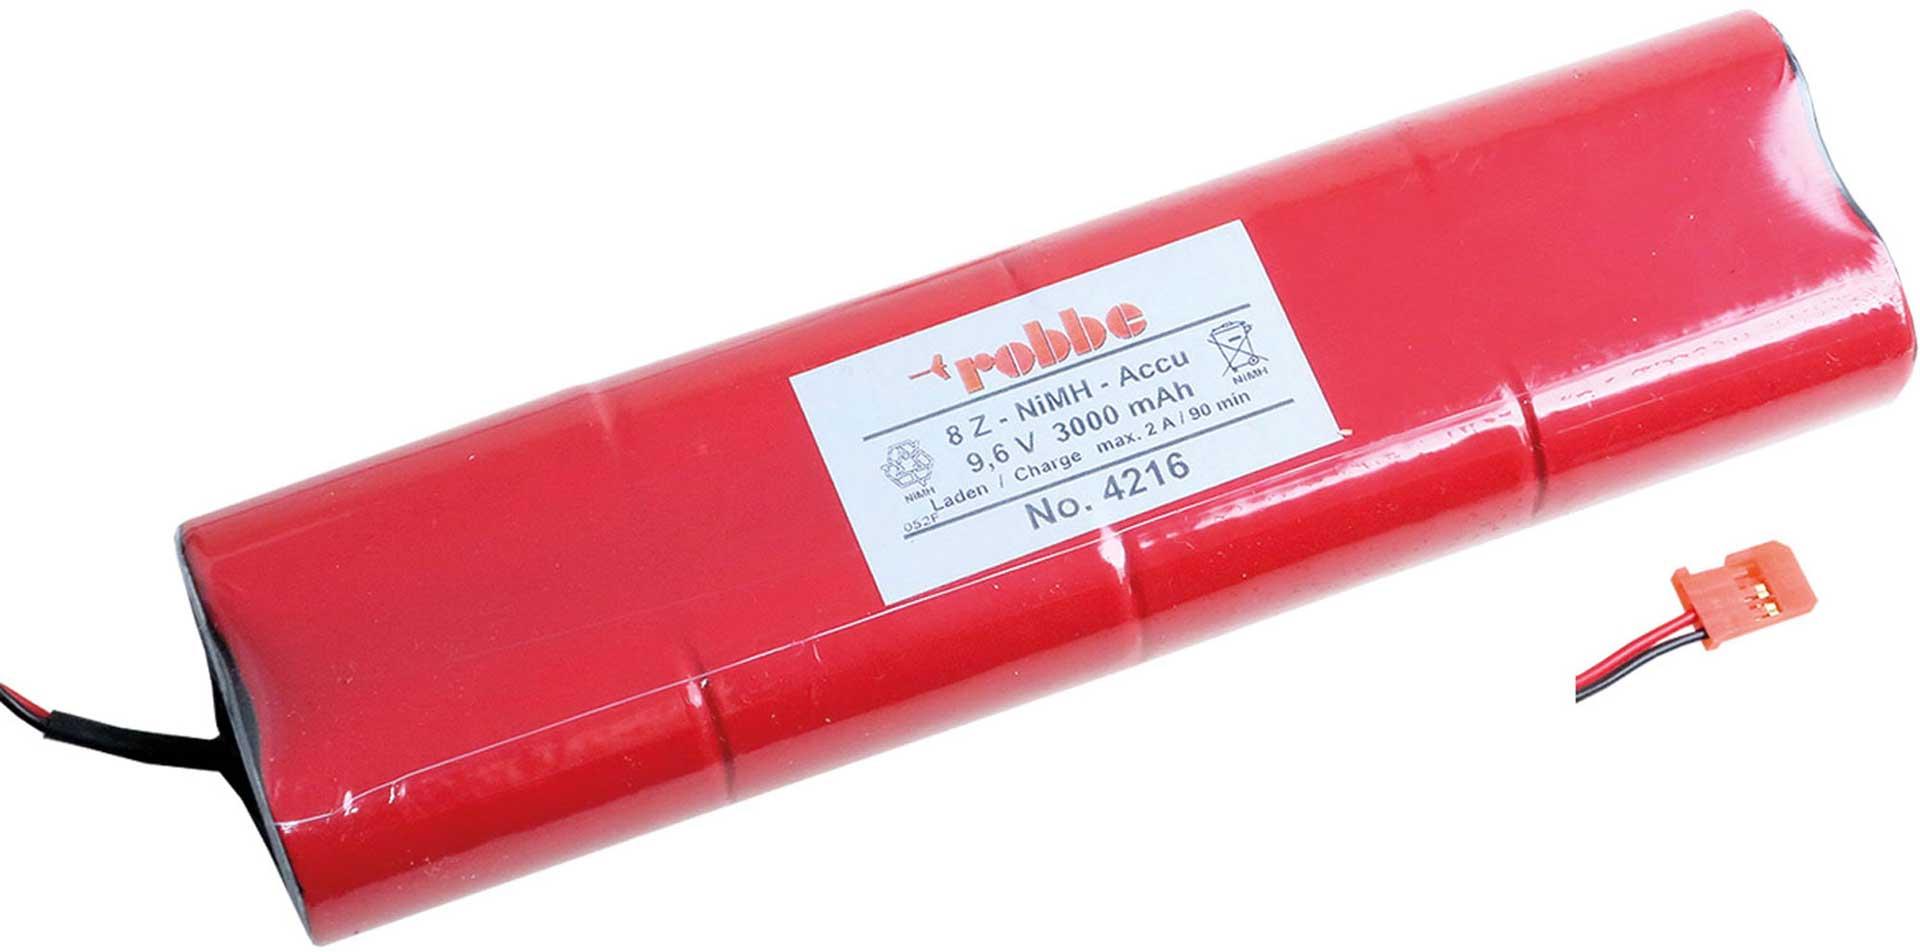 ROBBE SENDERAKKU 9,6V 3300MAH F-14-FC-16-FC28